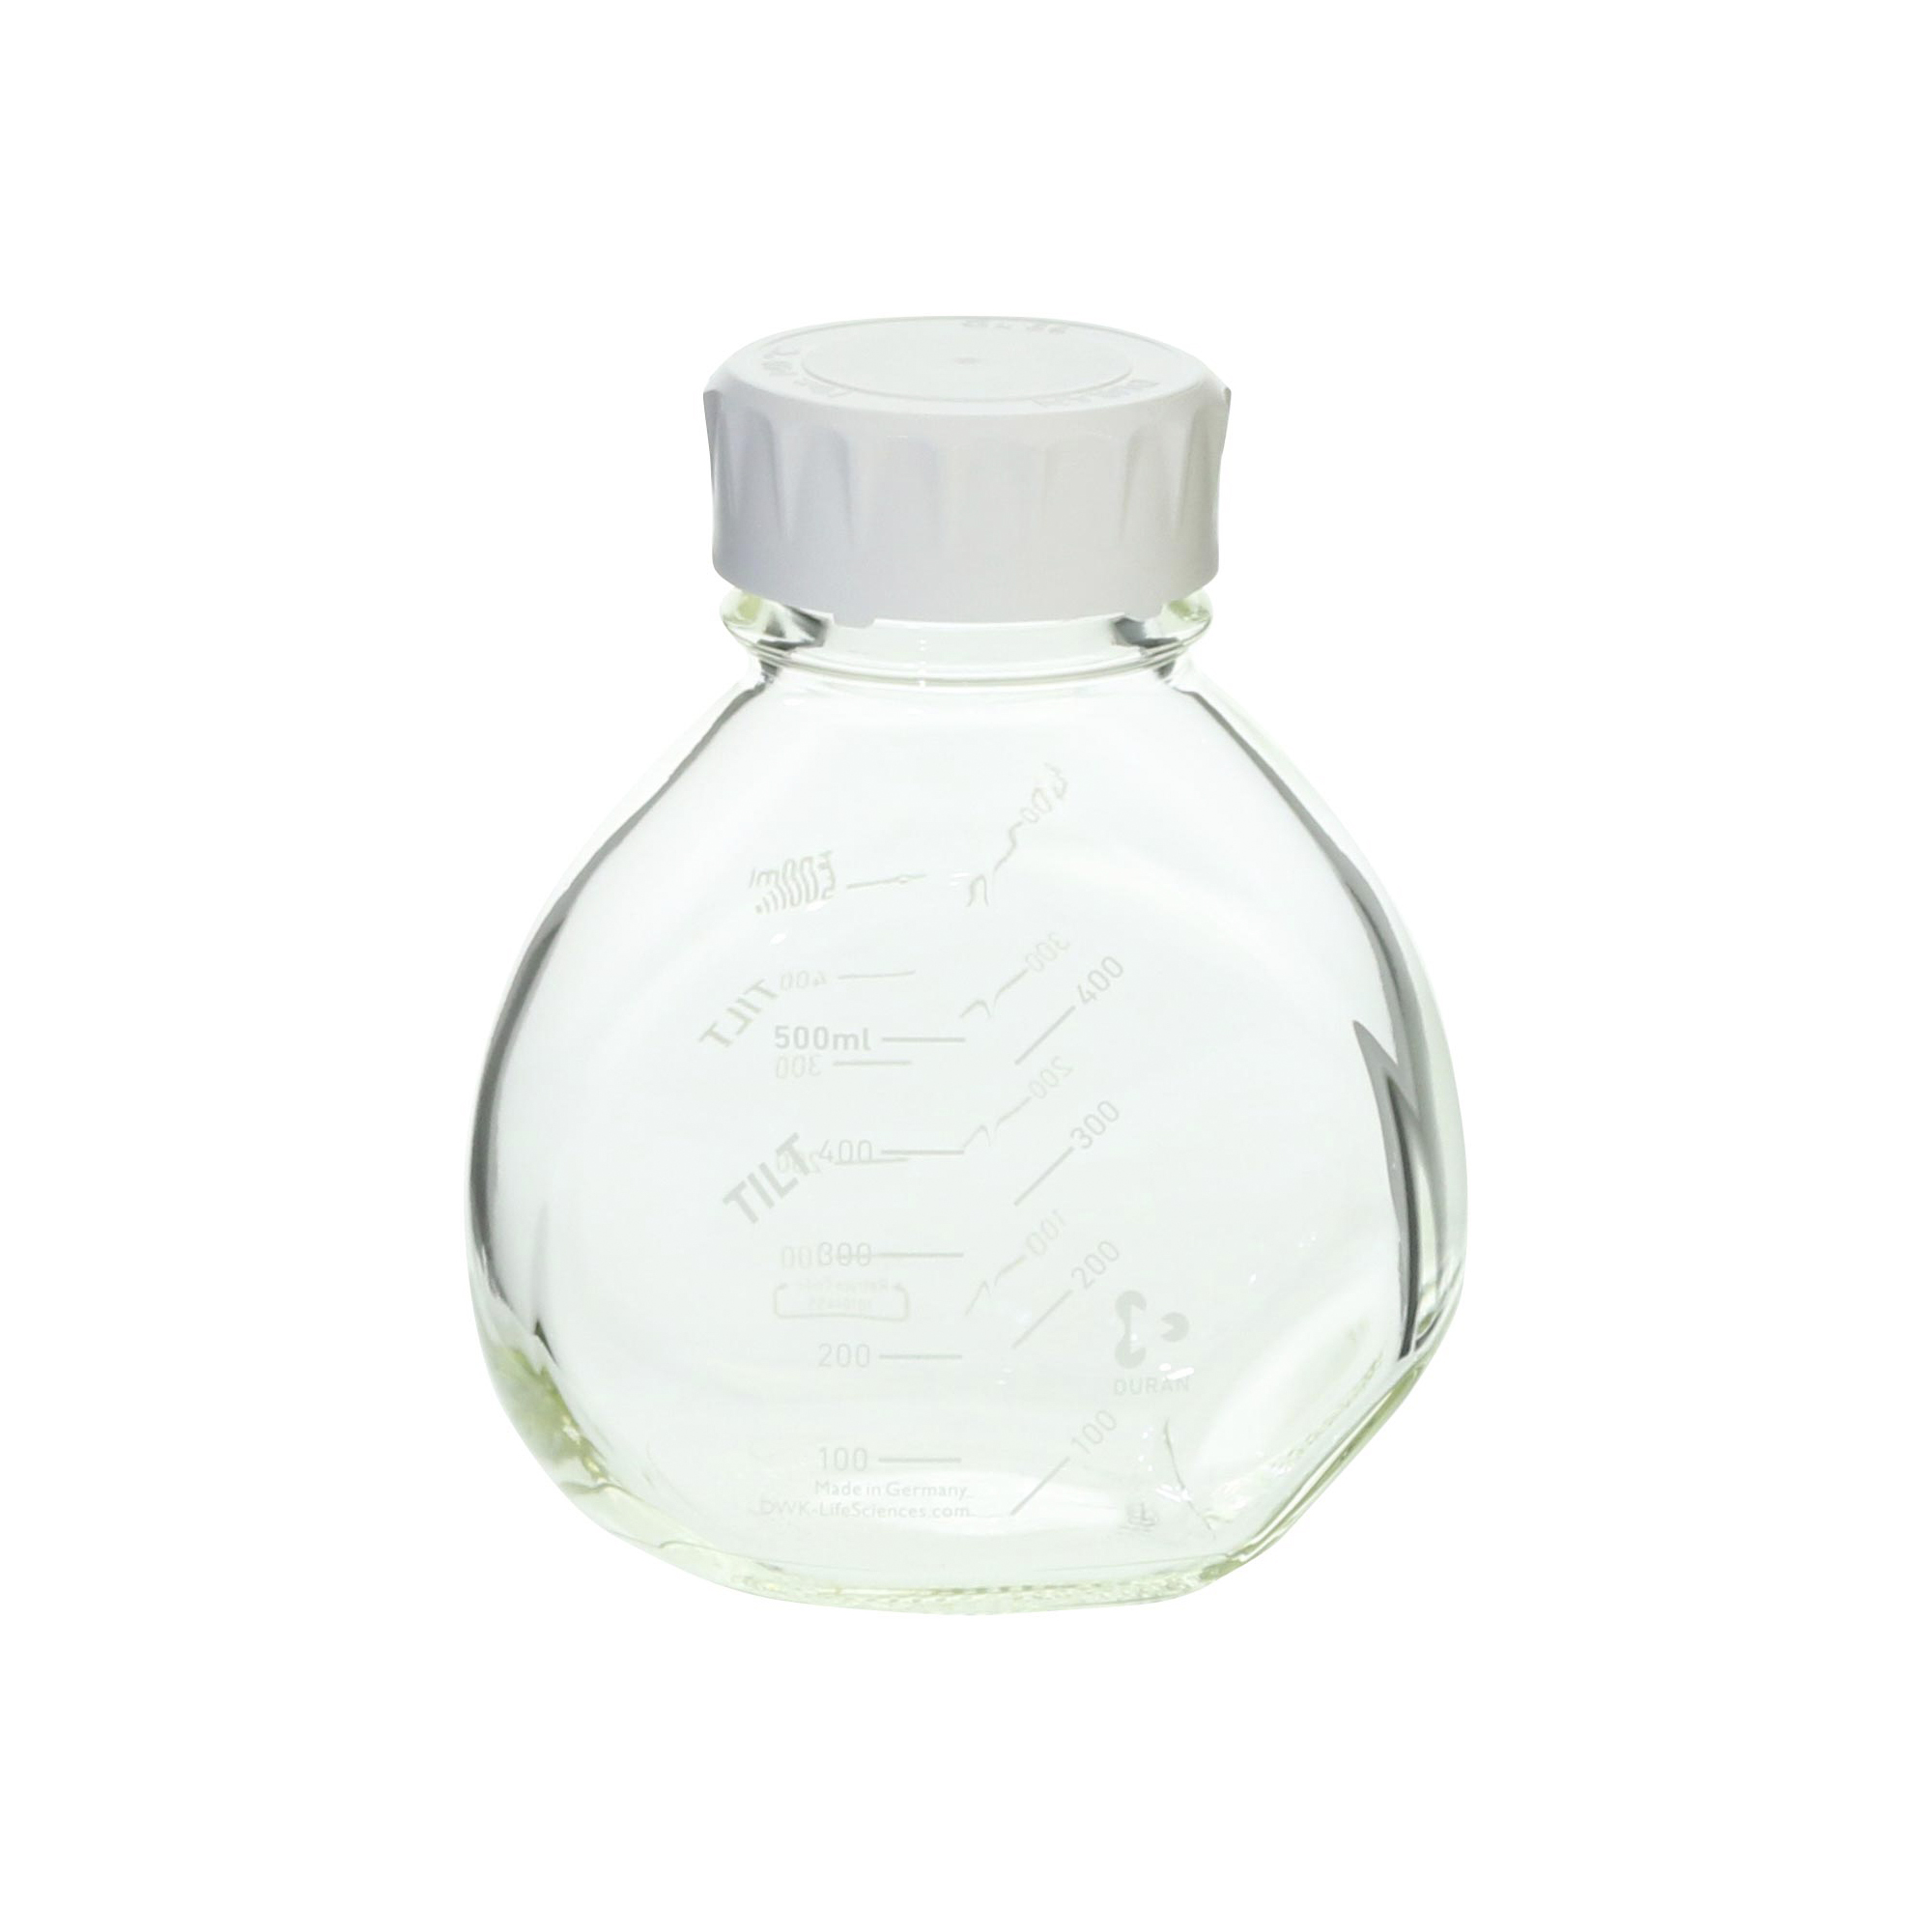 チルトボトル DURAN® TILT Bottle(キャップ付)